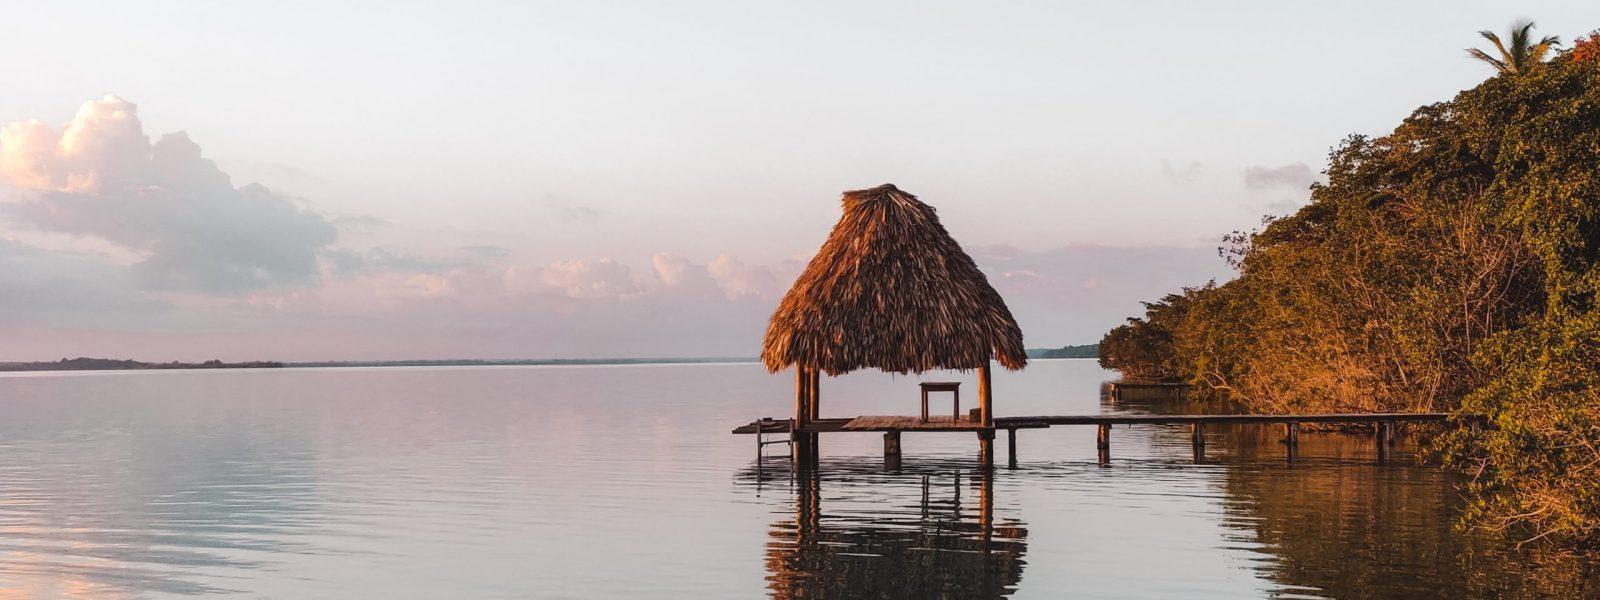 Airbnb Bacalar: unieke ecocabanas aan het meer